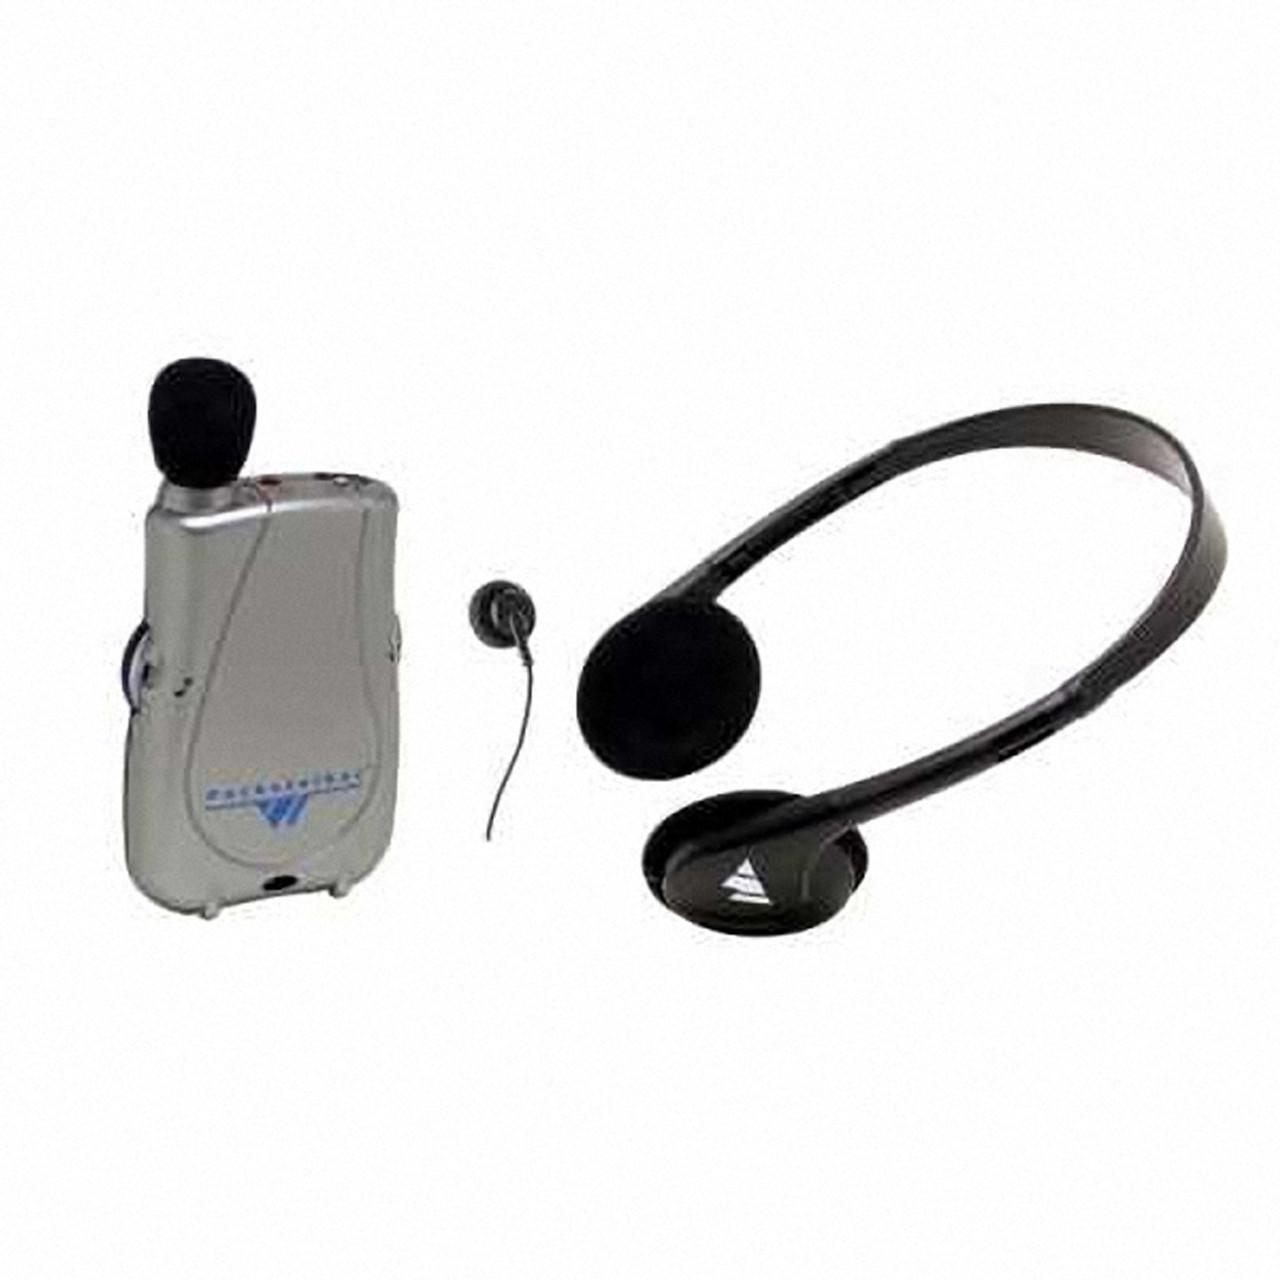 New Streamlined Pocketalker Ultra Personal Amplifier With Headset & Single Earbud